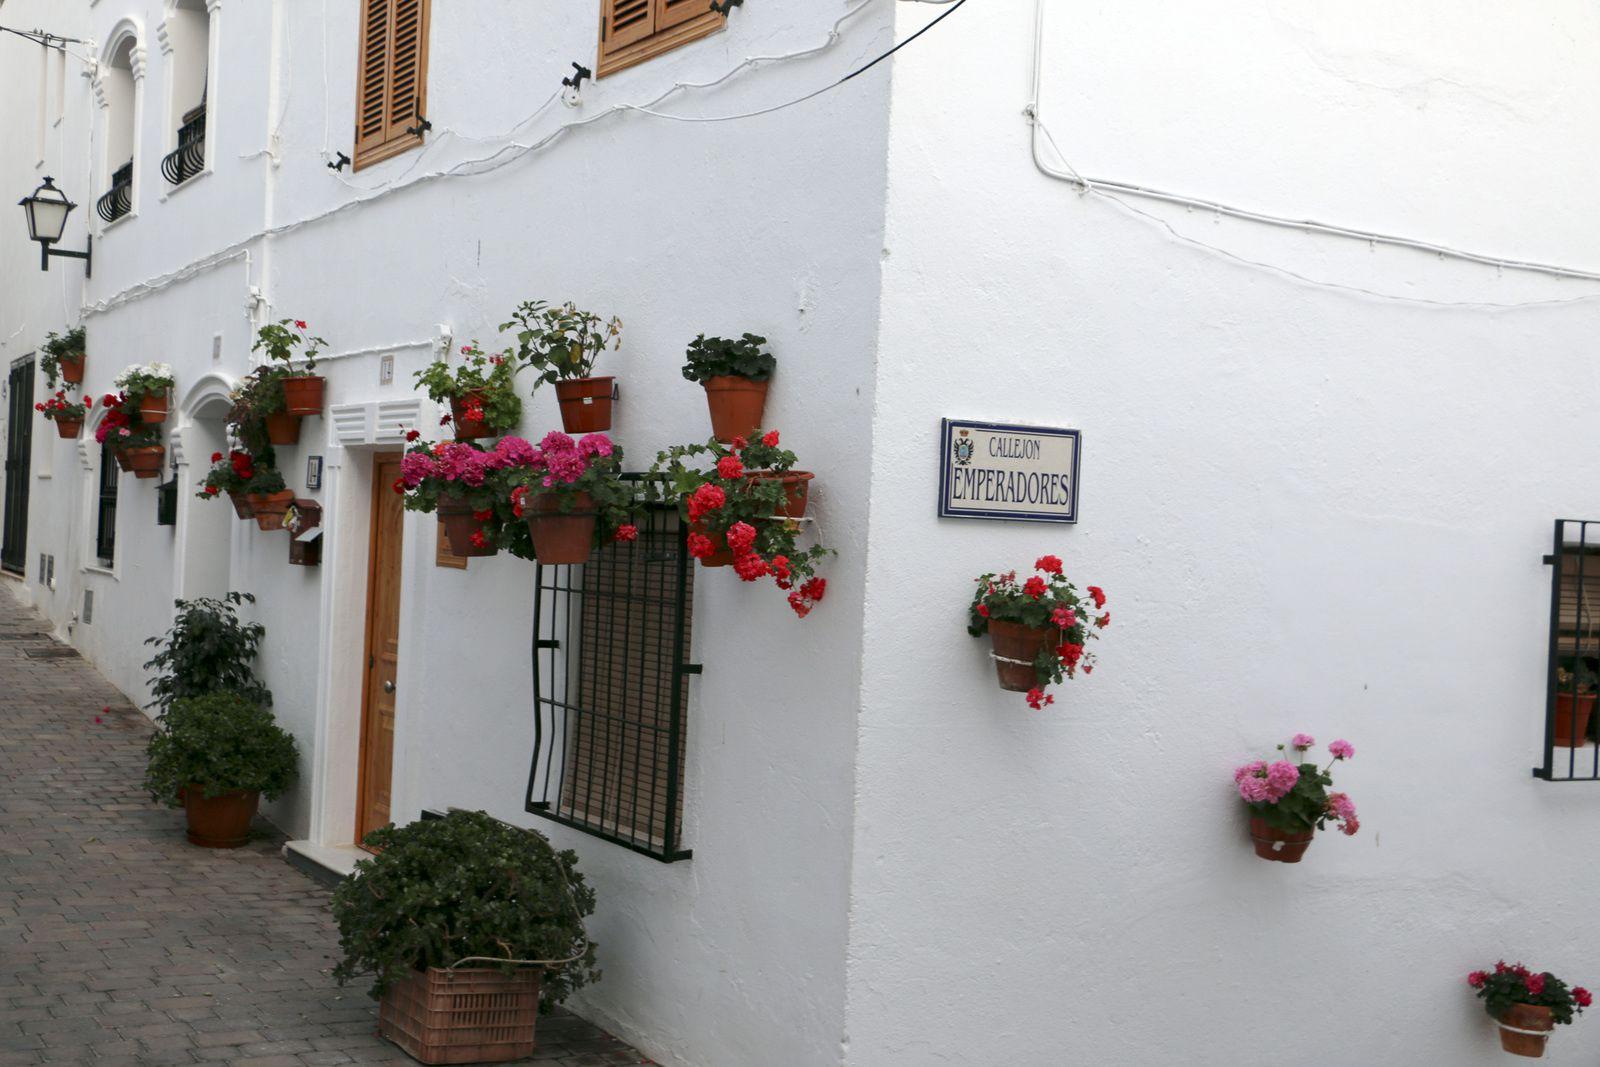 Rues et villages pittoresques de l'Andalousie.